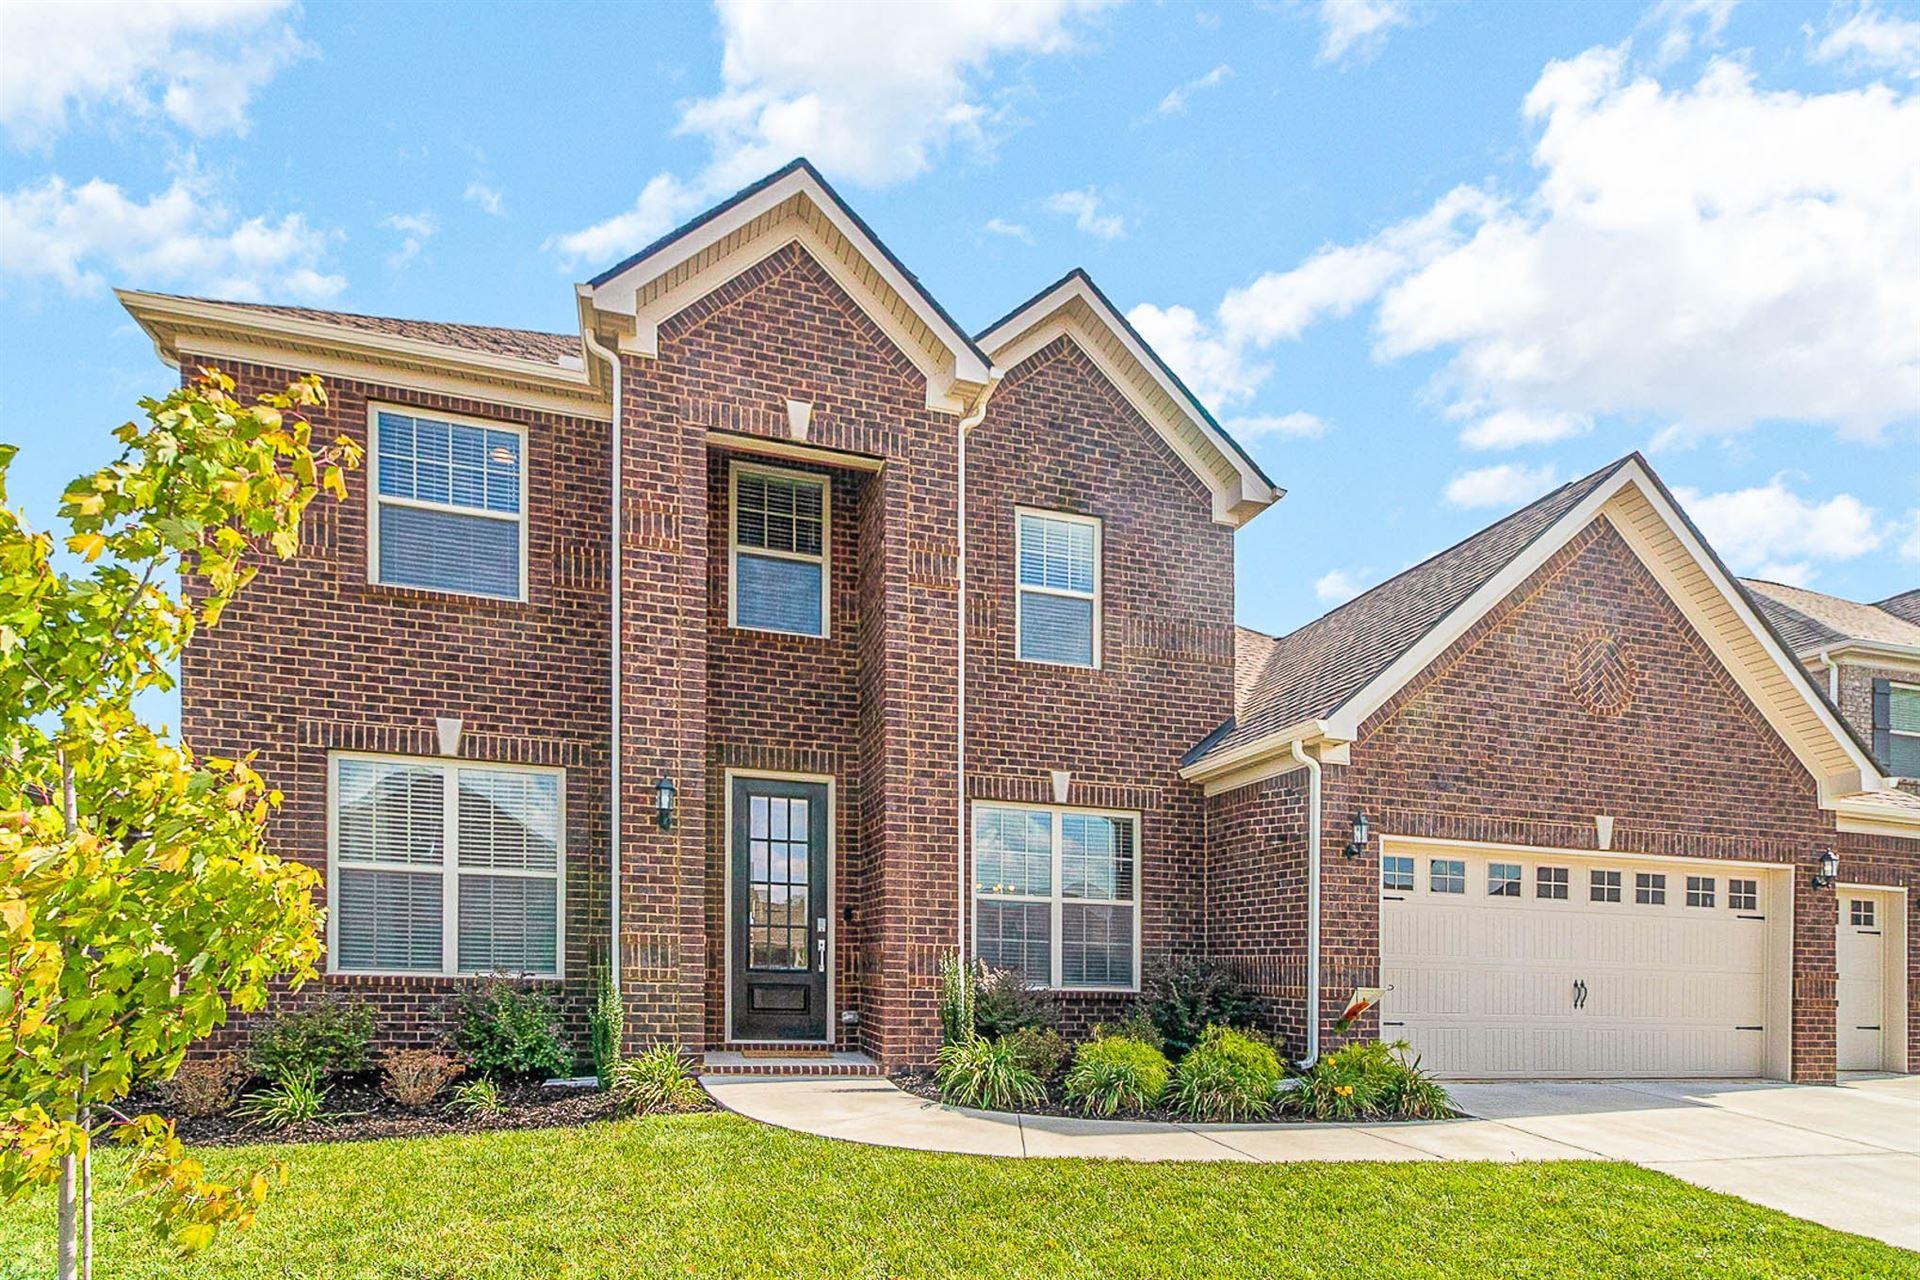 817 Kirk Ln, Murfreesboro, TN 37128 - MLS#: 2301879